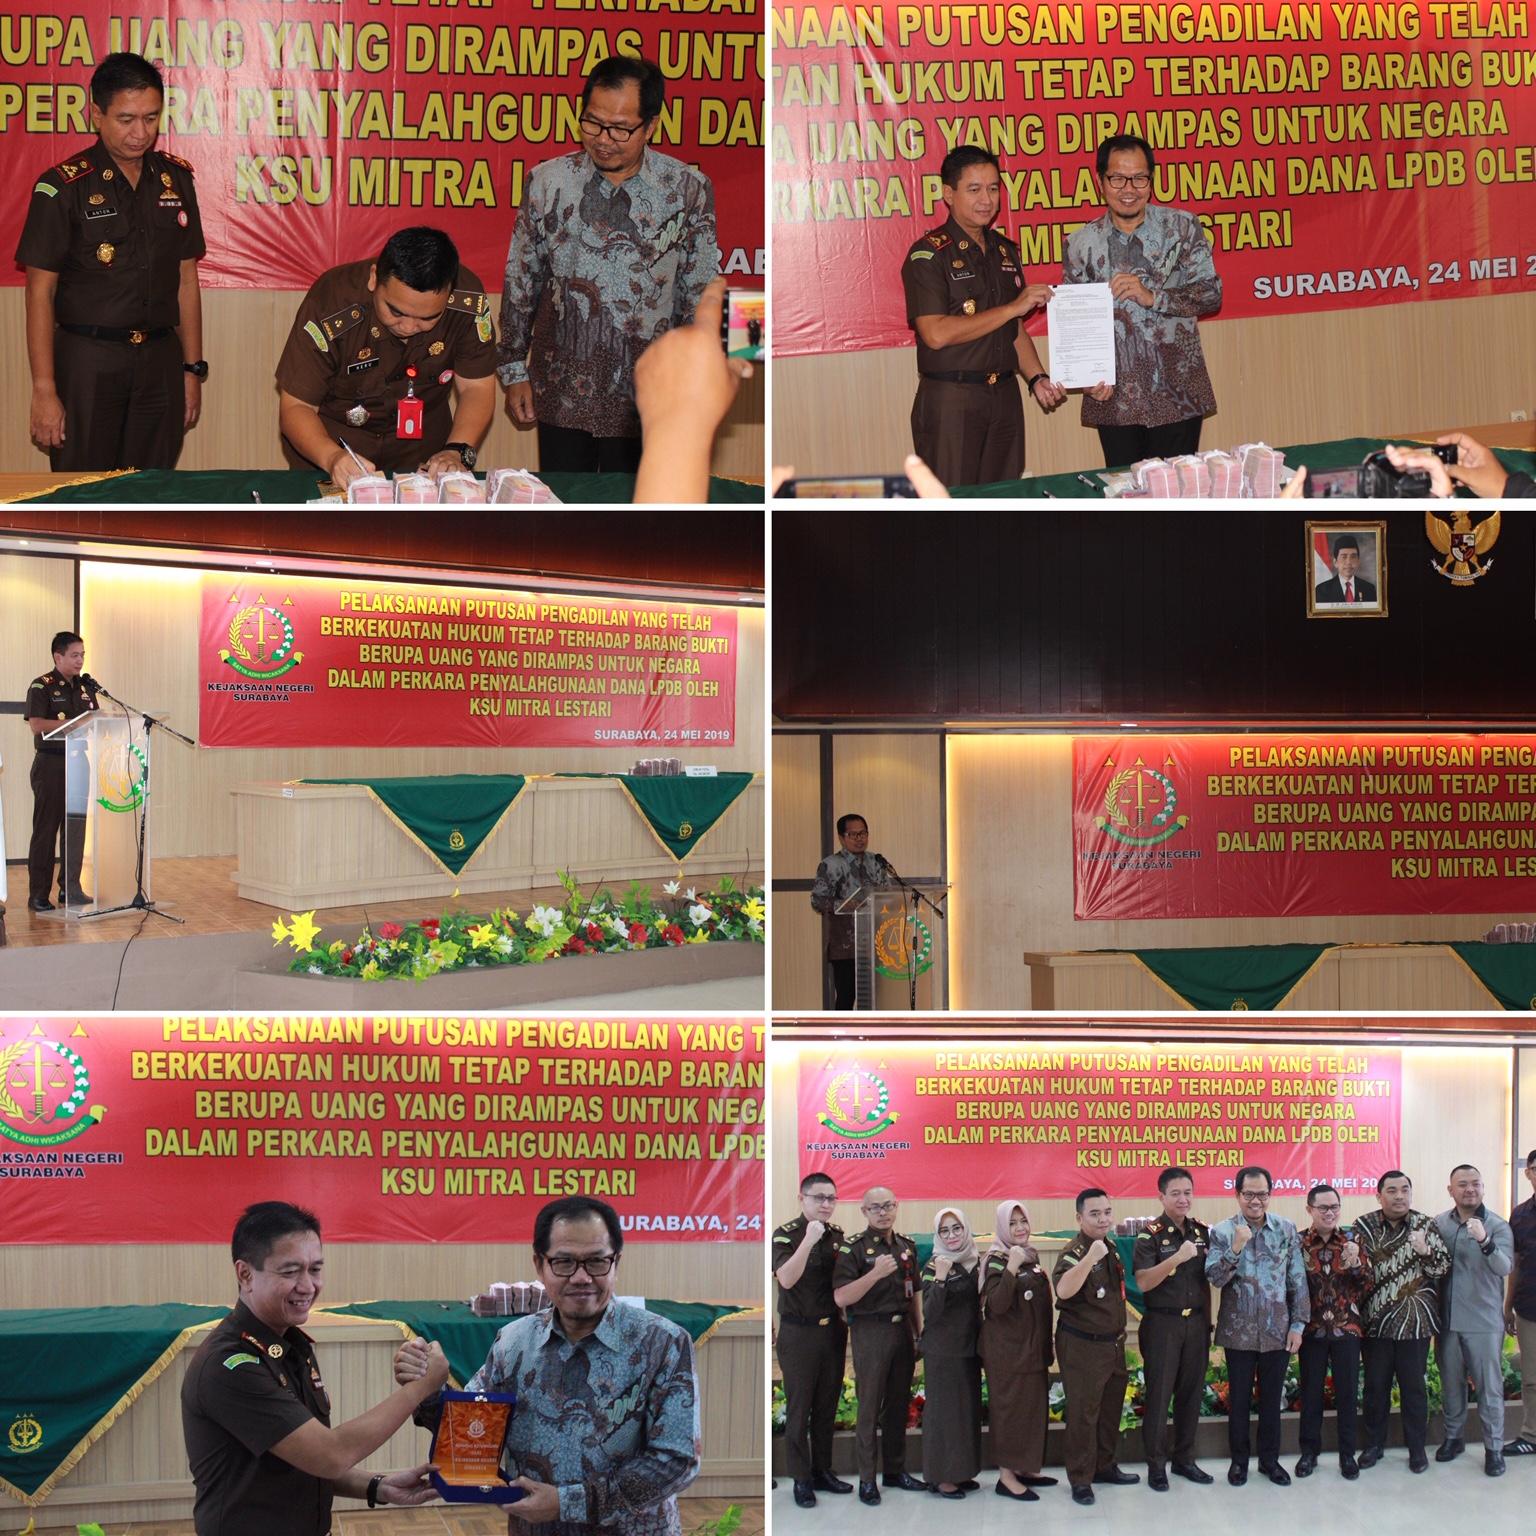 Penyerahan Barang Bukti Berupa Uang oleh Kepala Kejaksaan Negeri Surabaya 24-05-2019